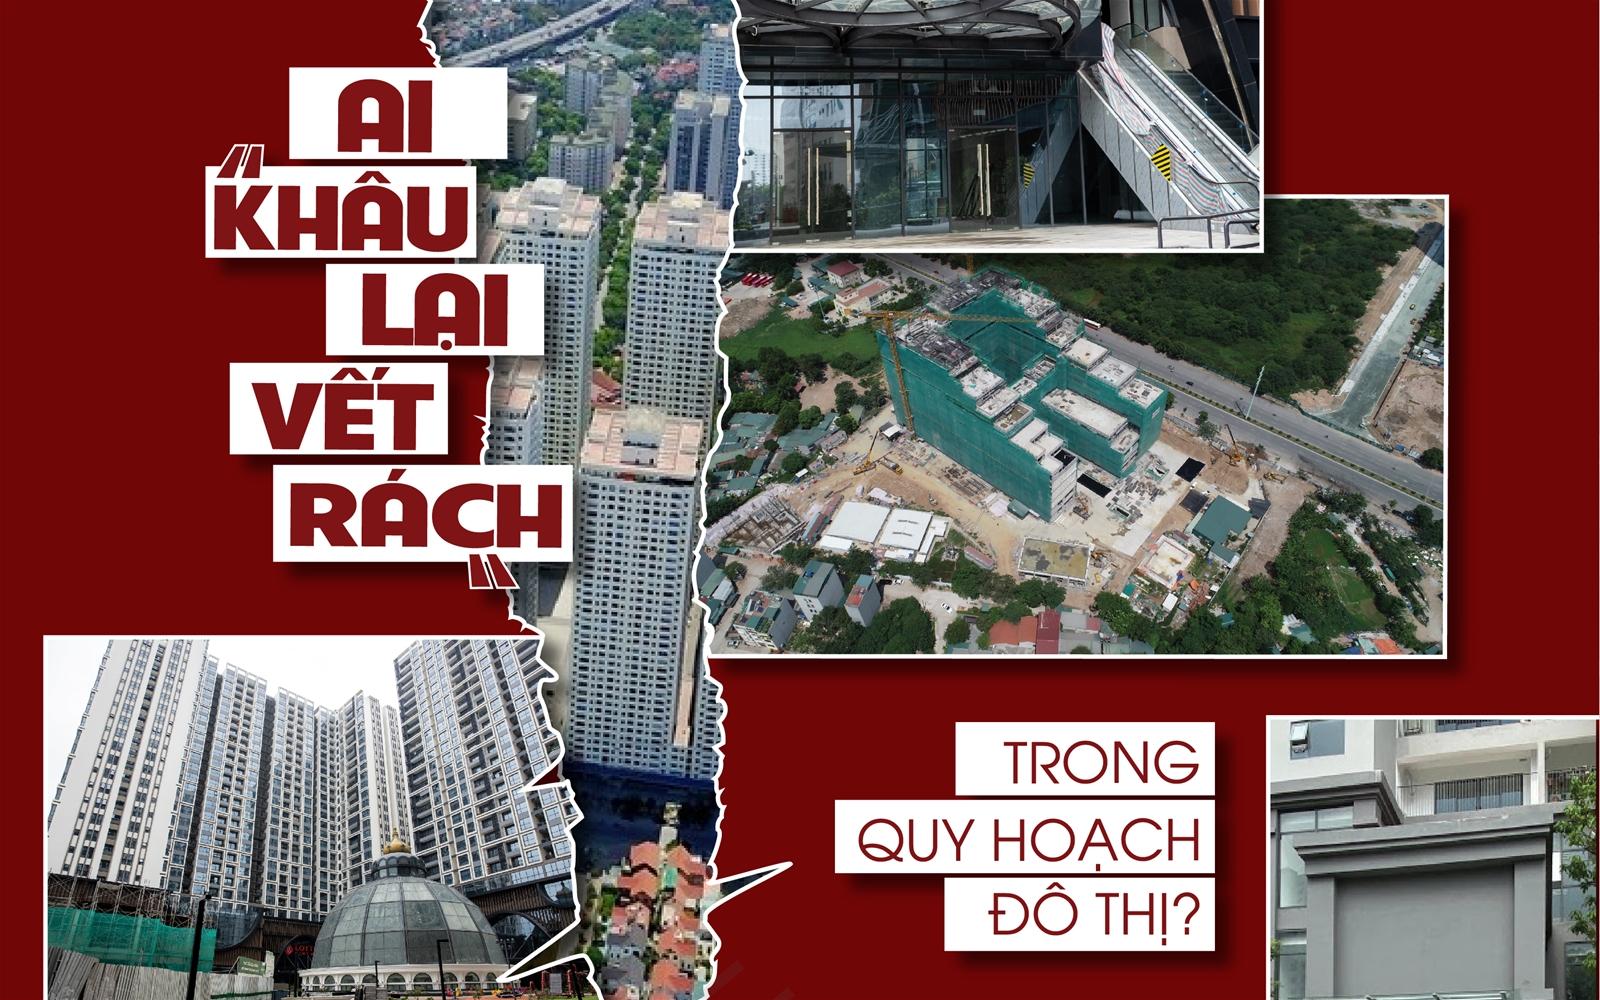 """Ai """"khâu lại vết rách"""" trong quy hoạch đô thị?"""